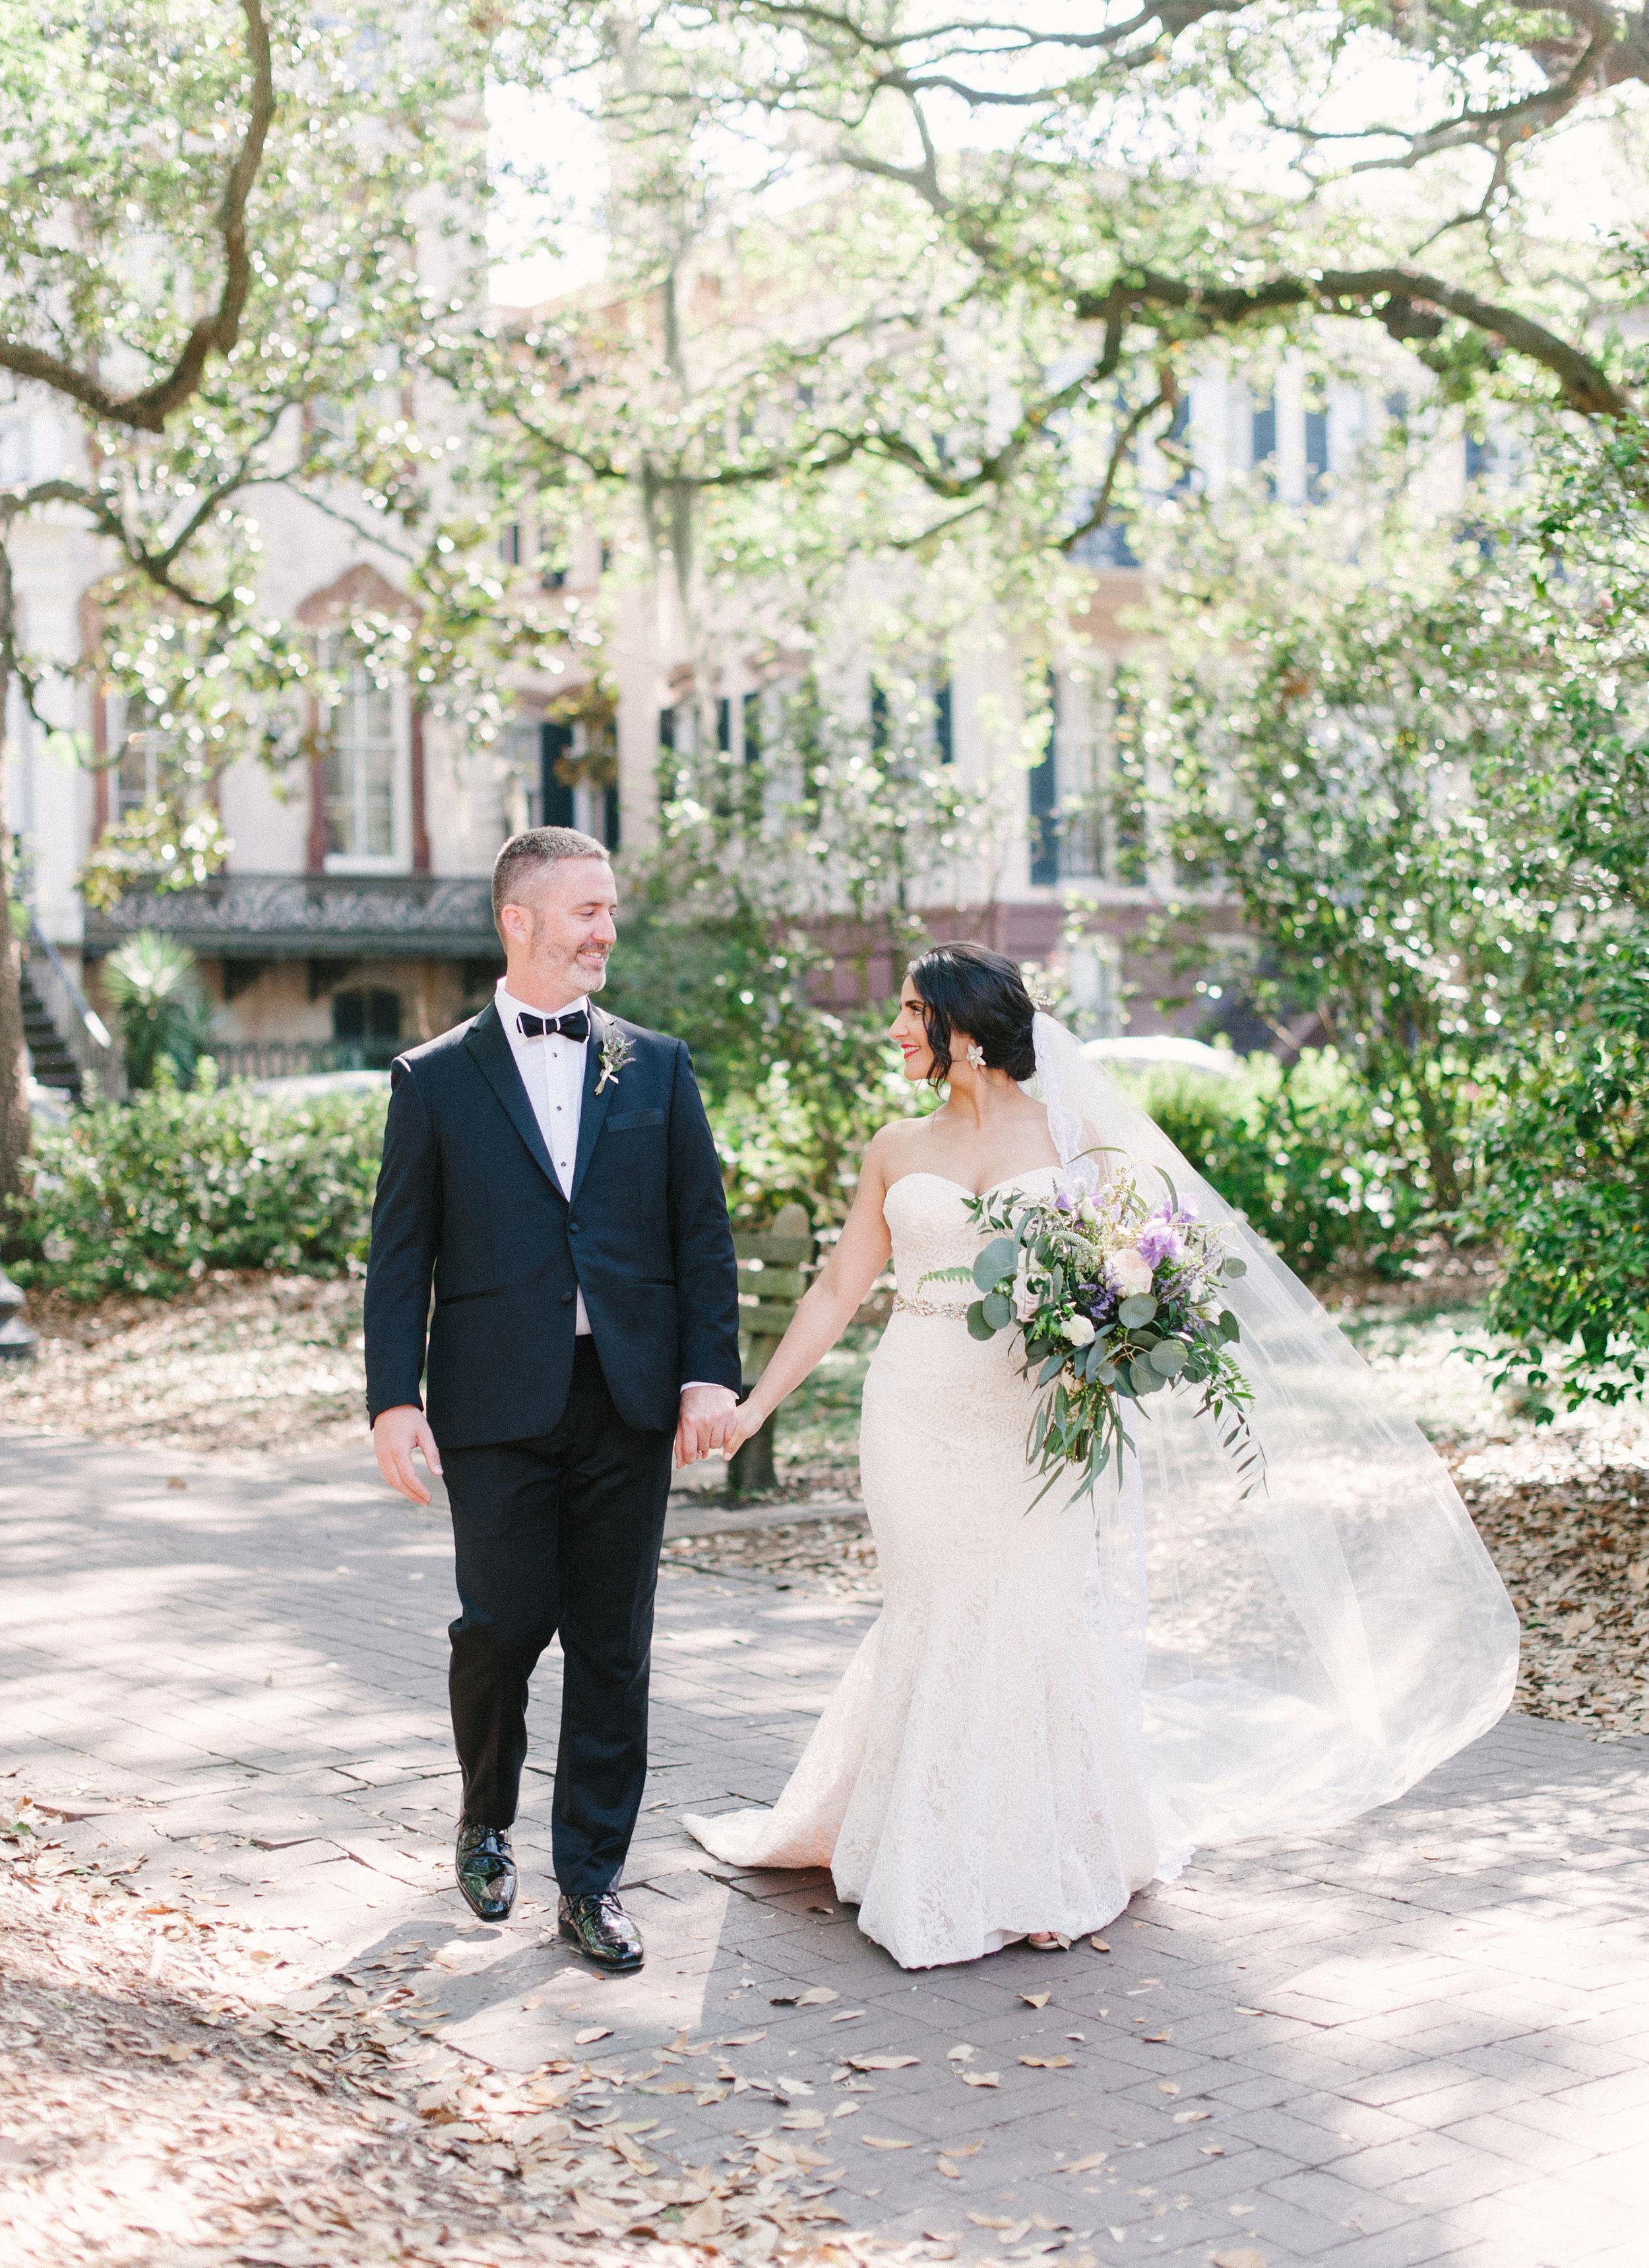 3-ivory-and-beau-bridal-boutique-wedding-dress-bridal-shop-alexjanelle_joshmorehousephotography-188.jpg